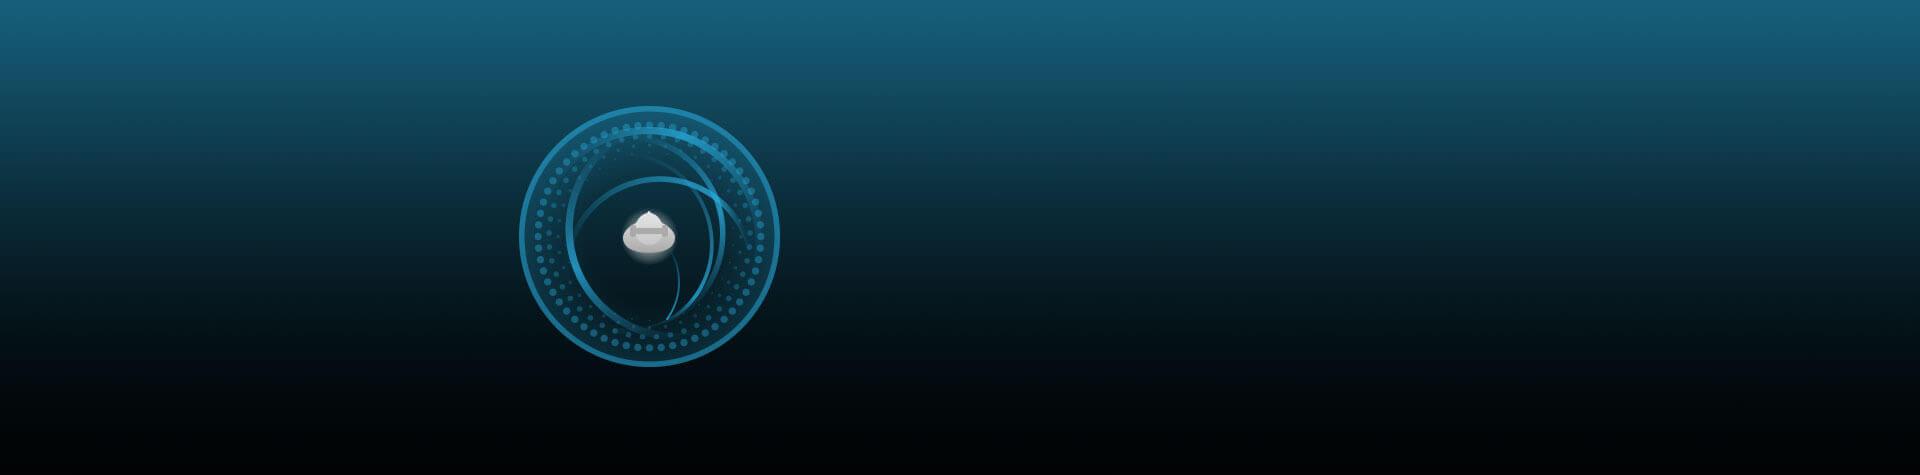 Tai nghe gaming không dây Razer Nari Ultimate PewDiePie Edition (RZ04-02670300-R3M1) trang bị công nghệ âm thanh cao cấp